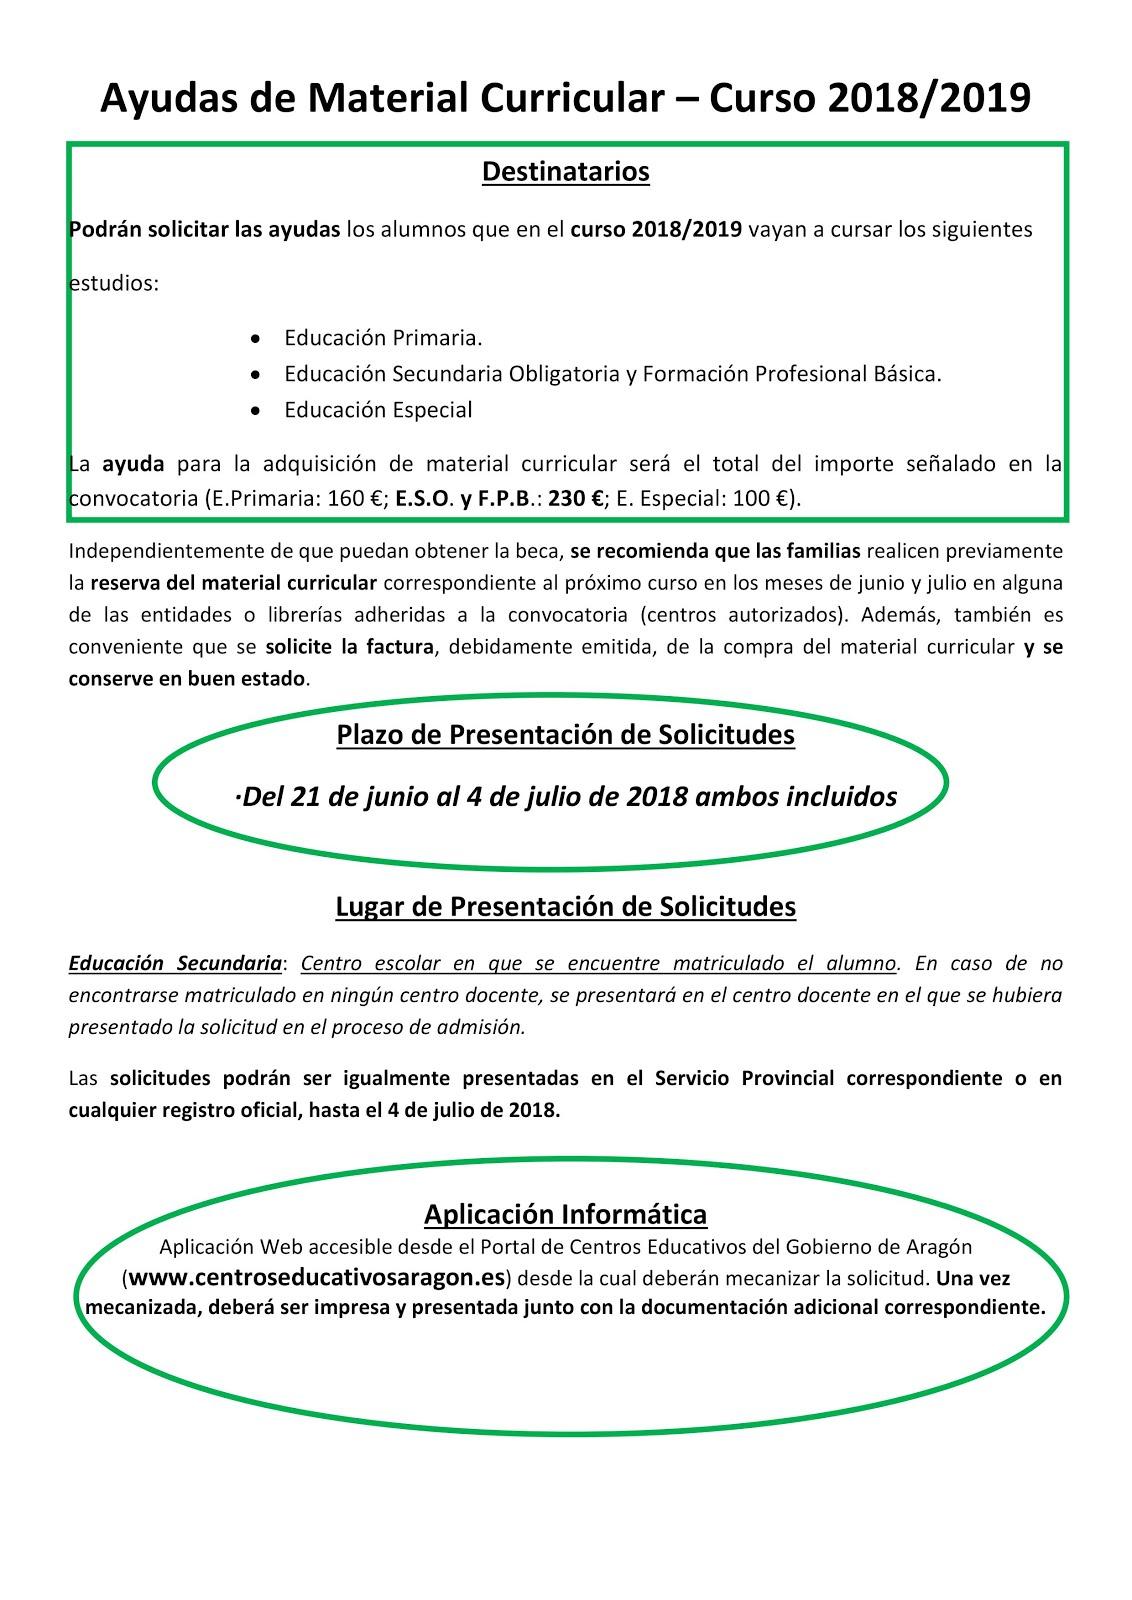 AYUDAS DE MATERIAL CURRICULAR